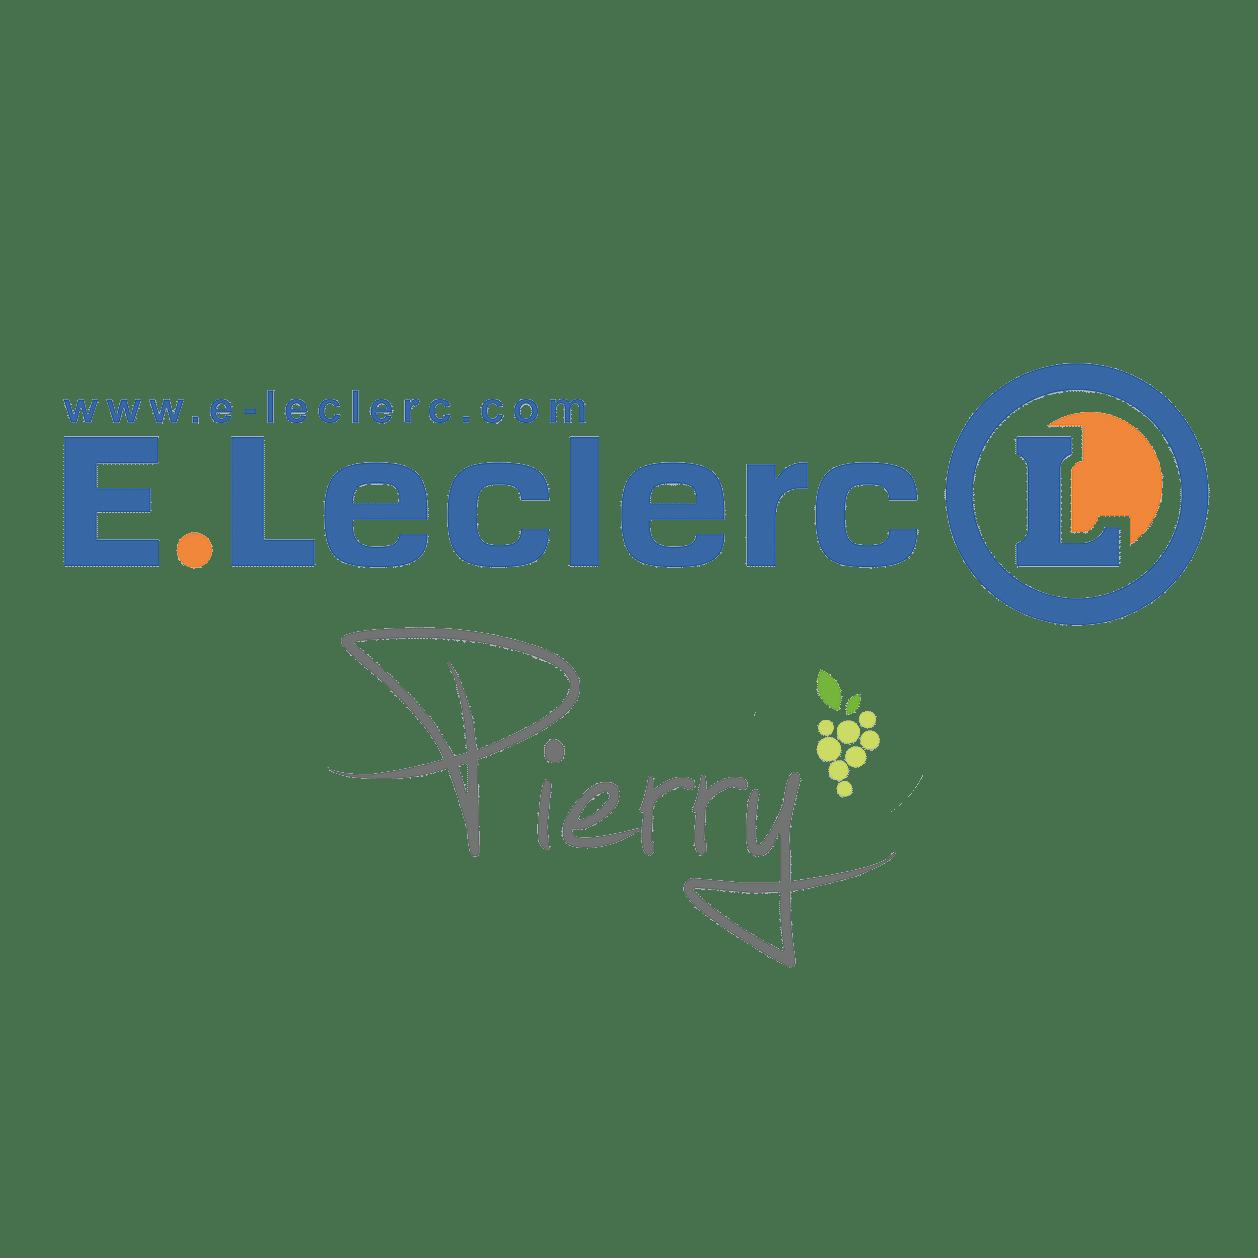 Logo Leclerc Pierry